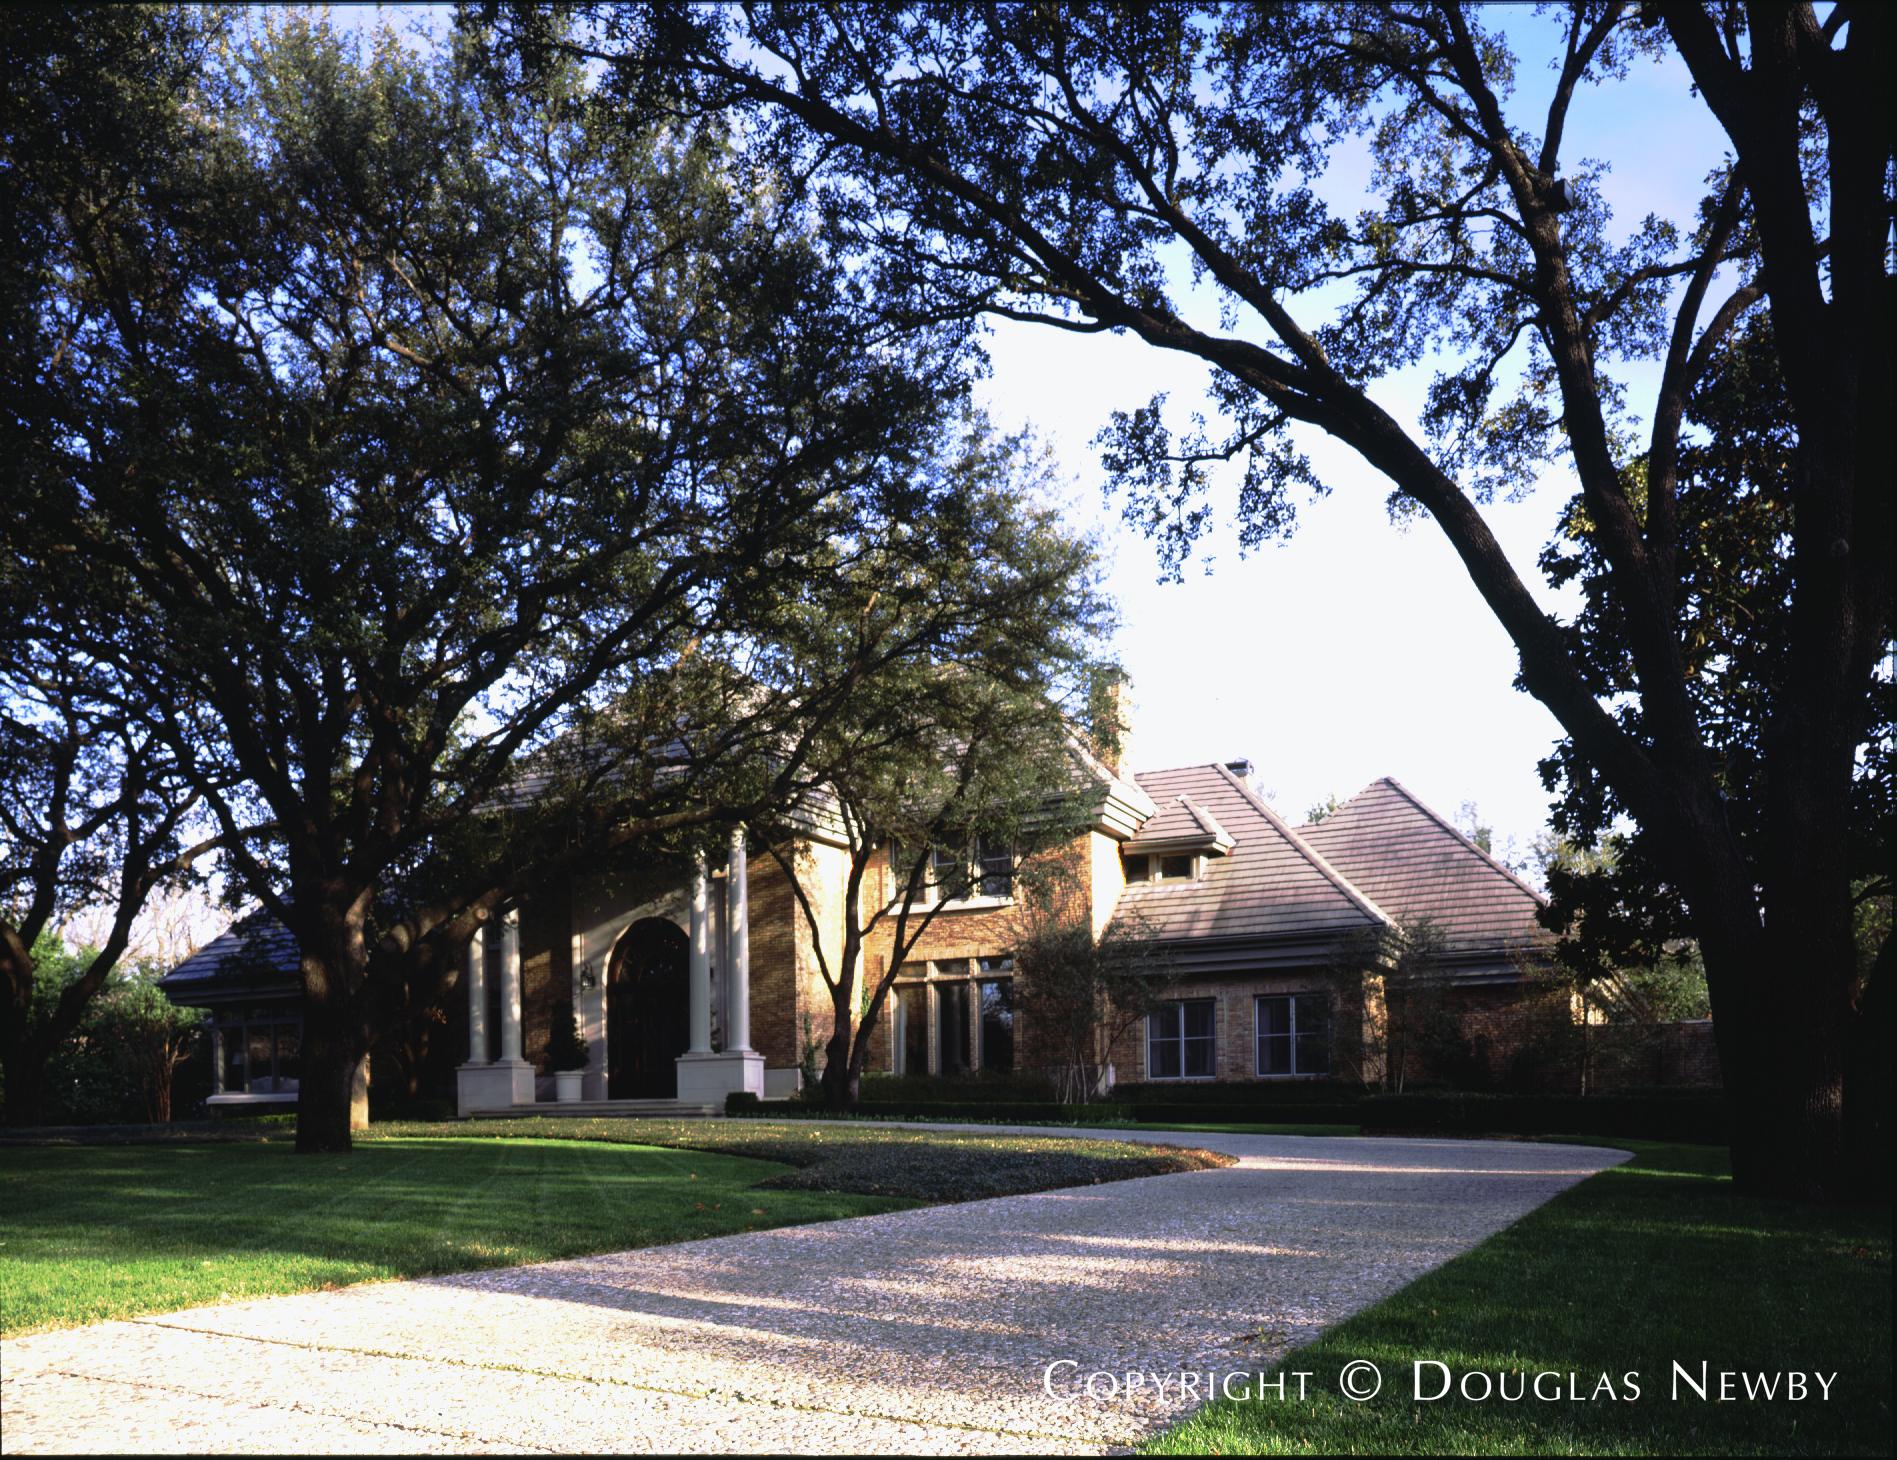 Allen Kirsch Home built in the 1980s